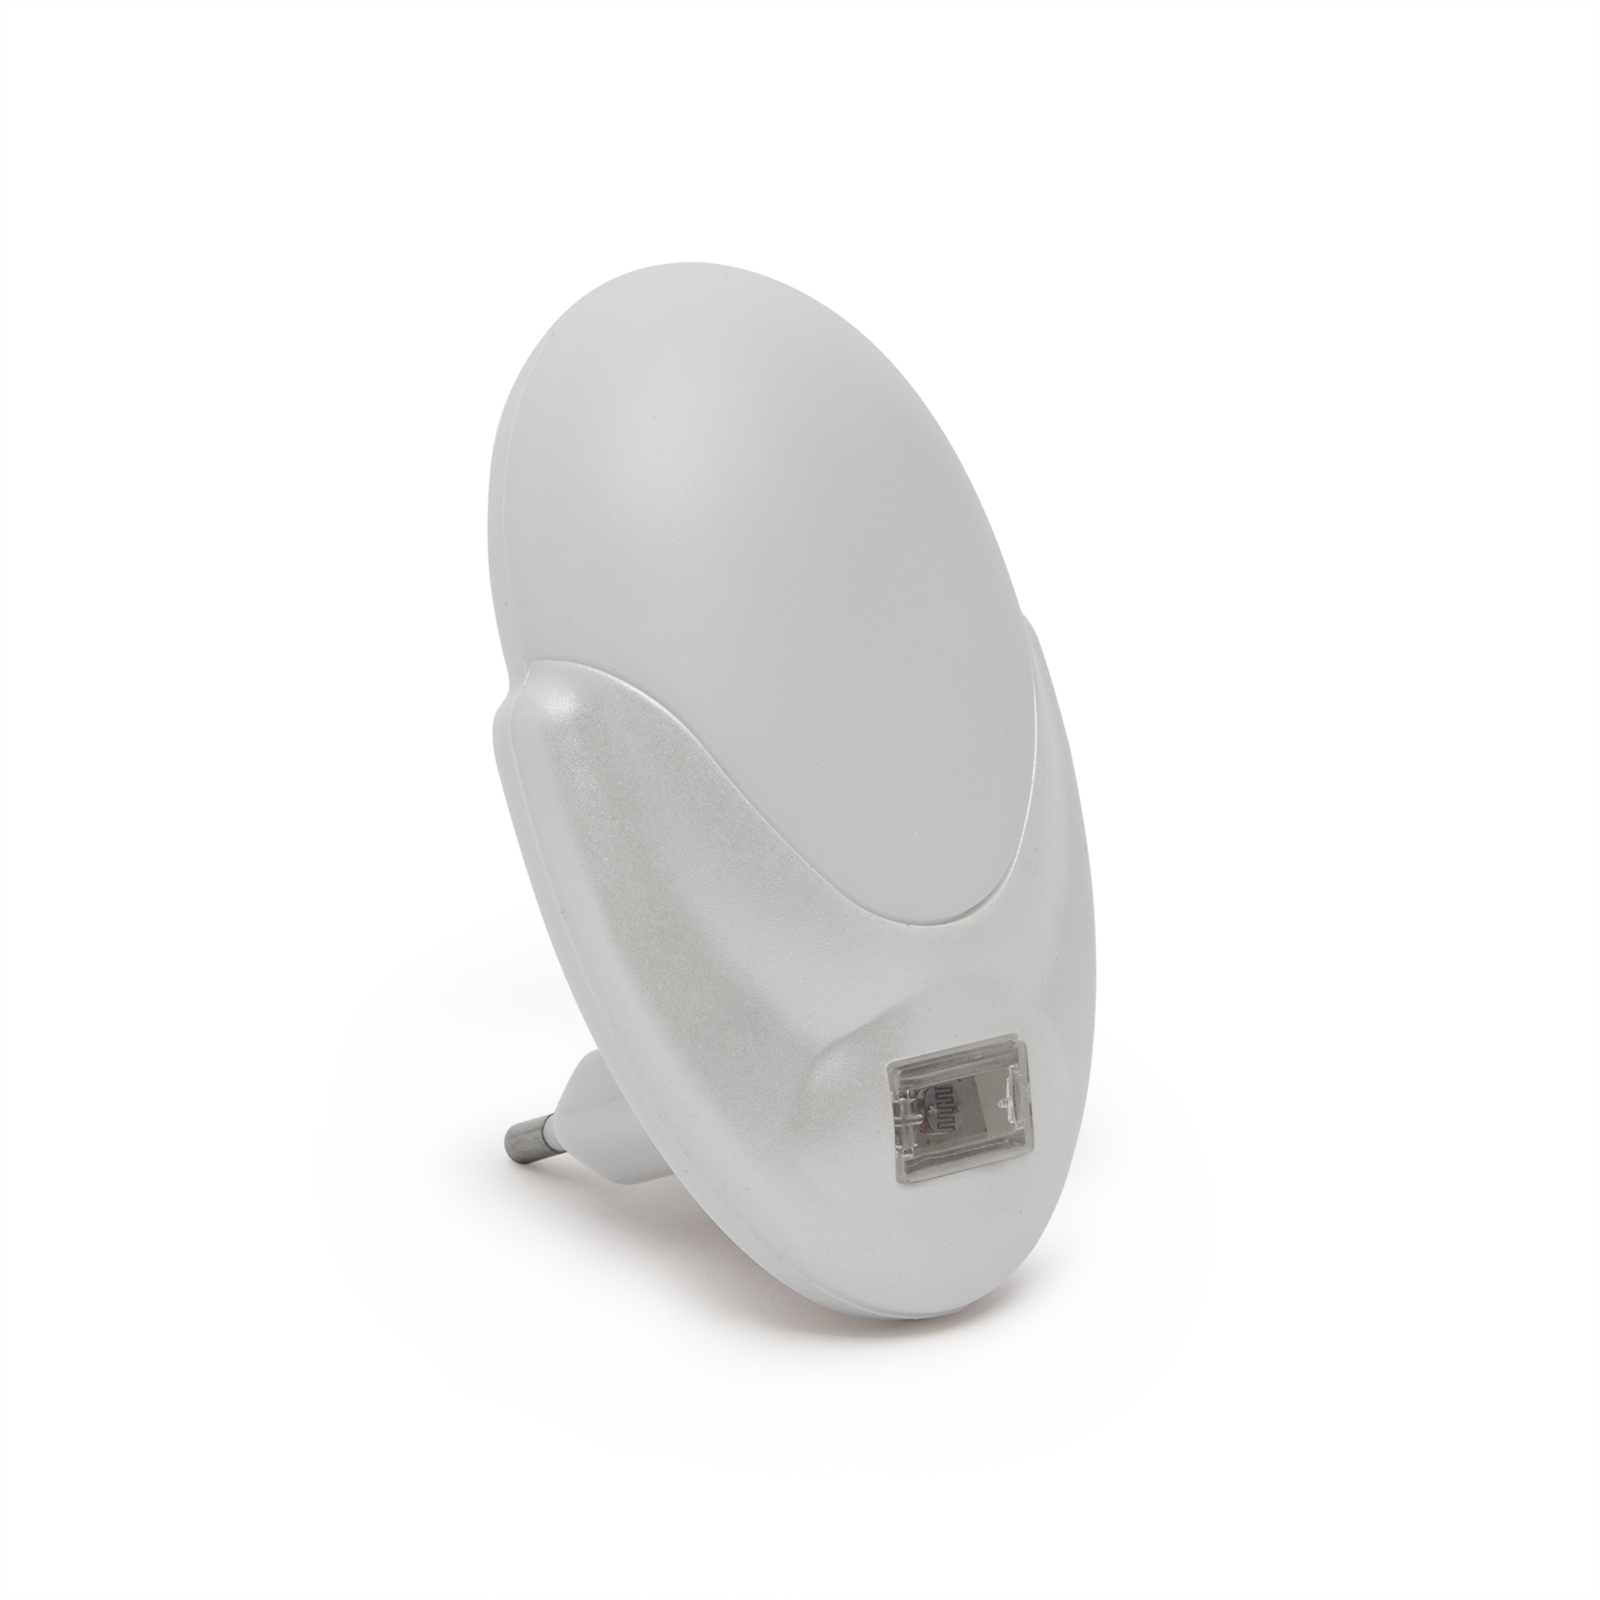 Úsporné senzorové noční světlo Phenom 20252S (Kvalitní úsporné noční světlo se senzorem setmění pro automatické sepnutí, barva bílá, velmi nízká spotřeba)